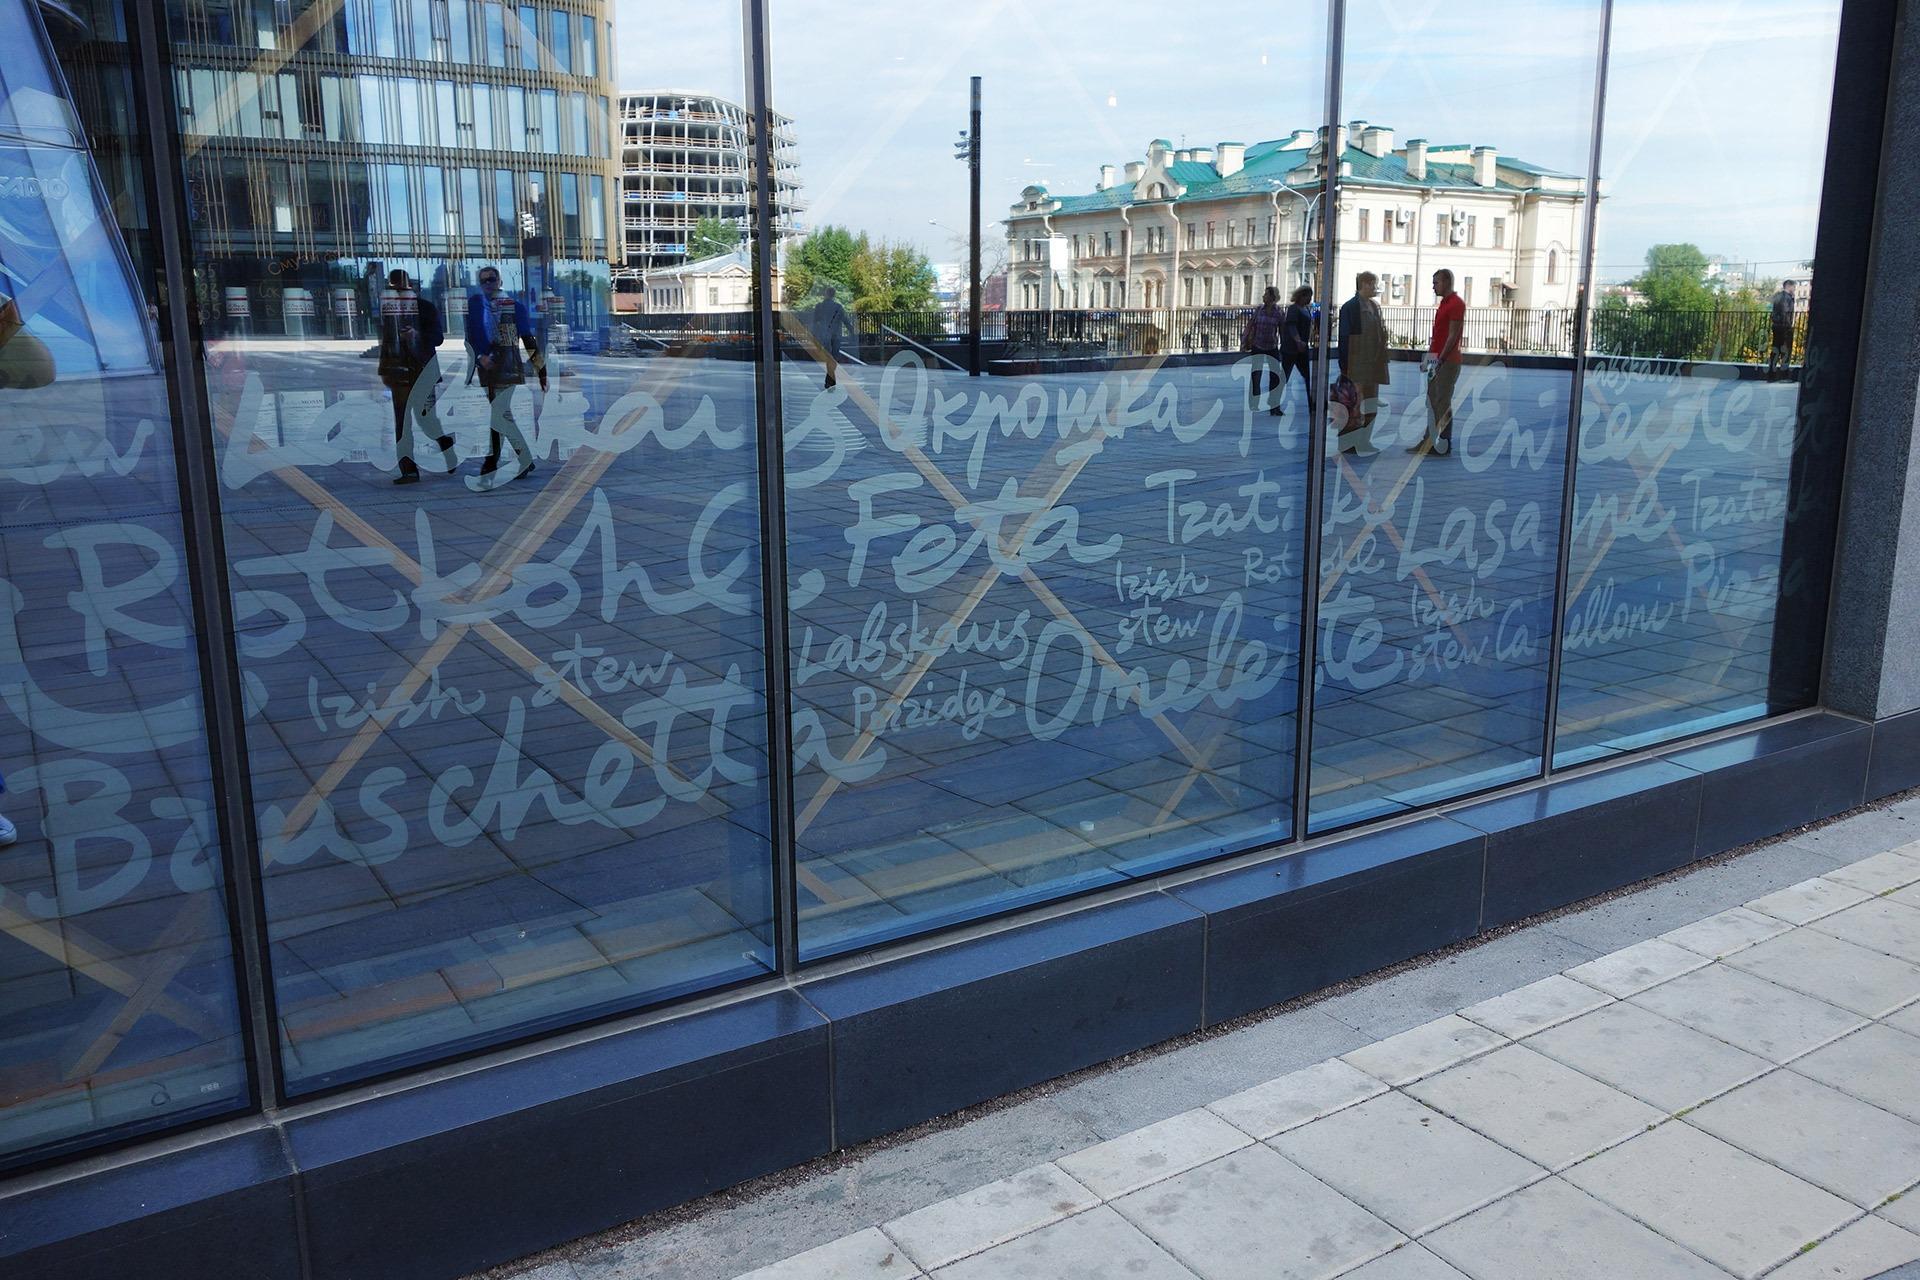 Асгард Брендинг, фирменный стиль, оформление витрин, каллиграфия, айдентика, ресторан Marketplace, графический дизайн, средовой дизайн, брендинг ресторана